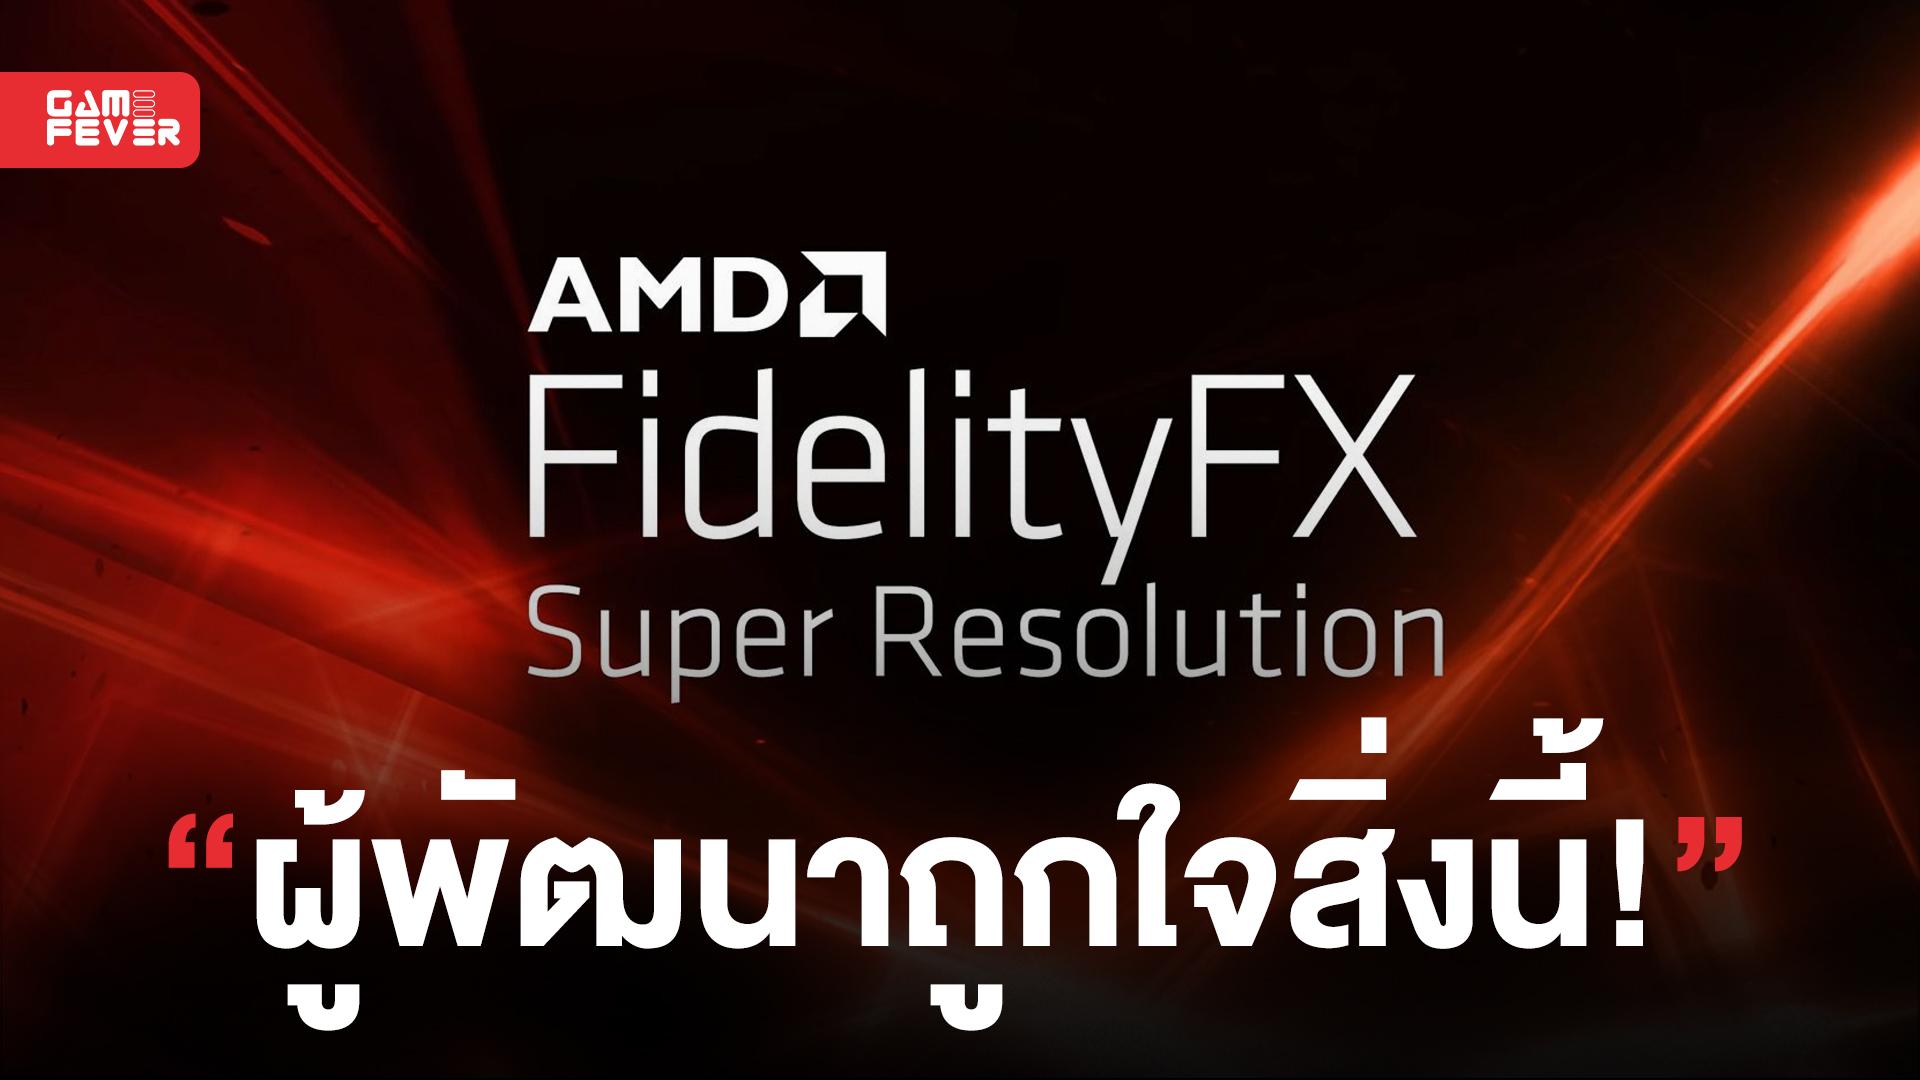 AMD เผย ผู้พัฒนาต้องใช้แค่ 2 - 3 วันเท่านั้นในการเพิ่ม FSR เข้าไปในเกม